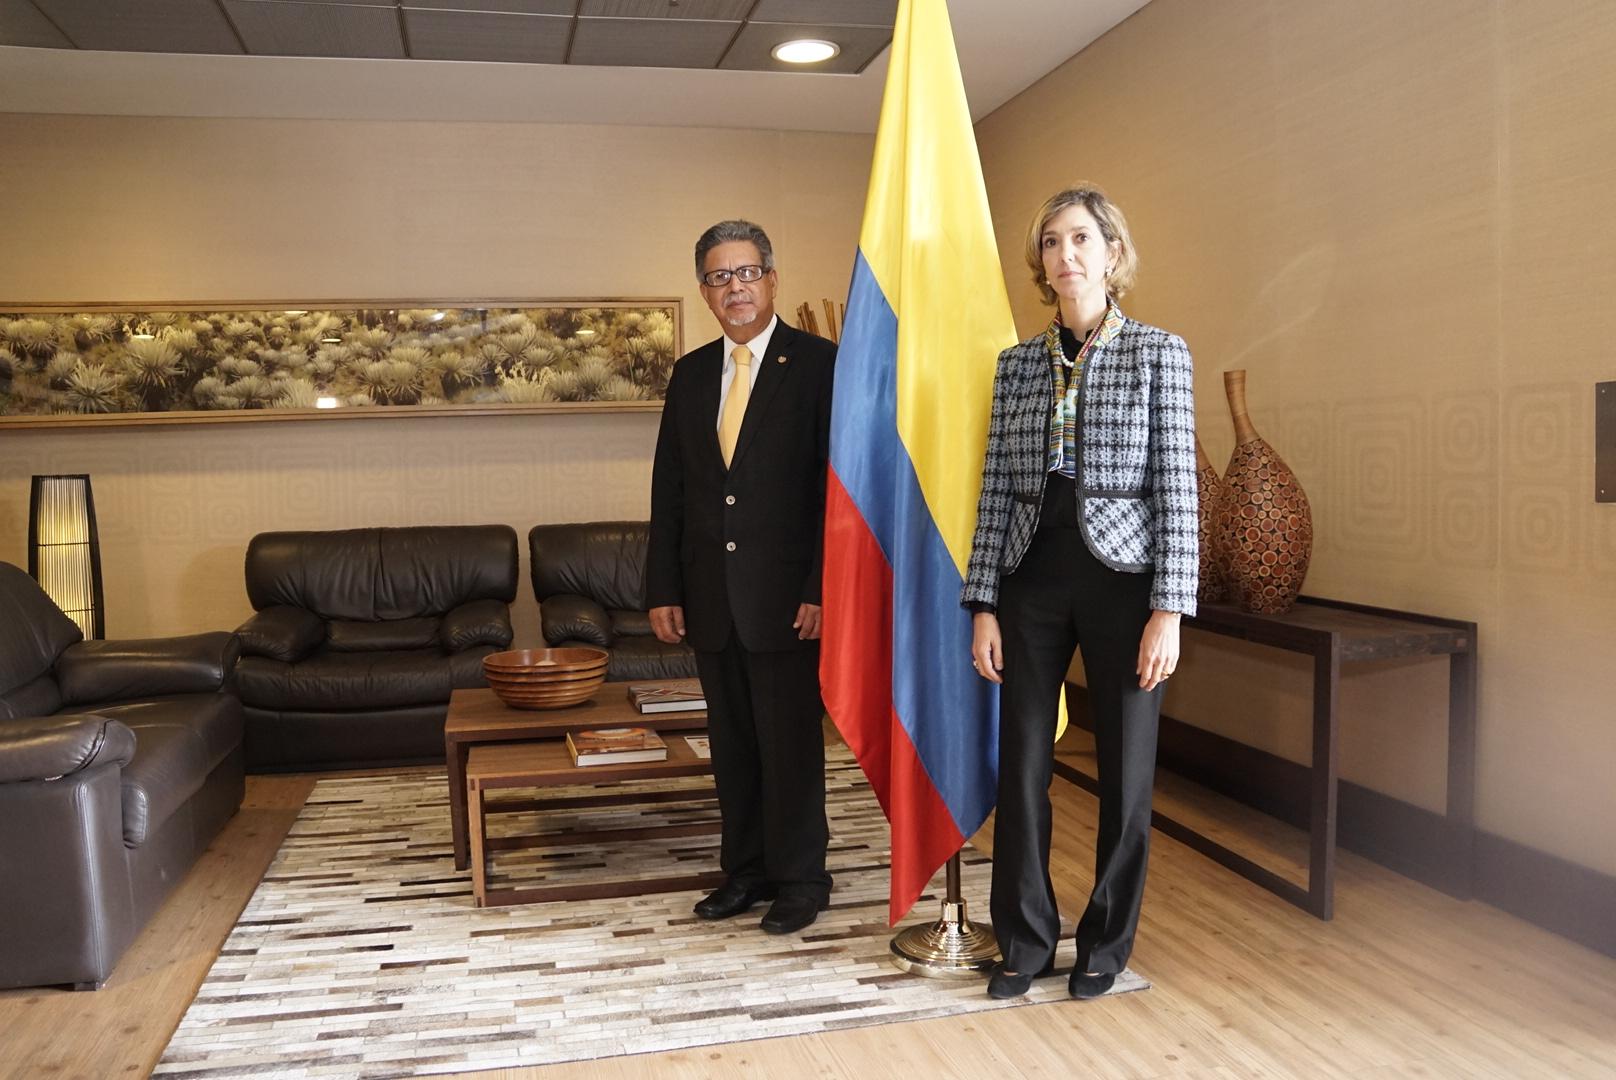 Ministro De Relaciones Exteriores De El Salvador Esta En Colombia